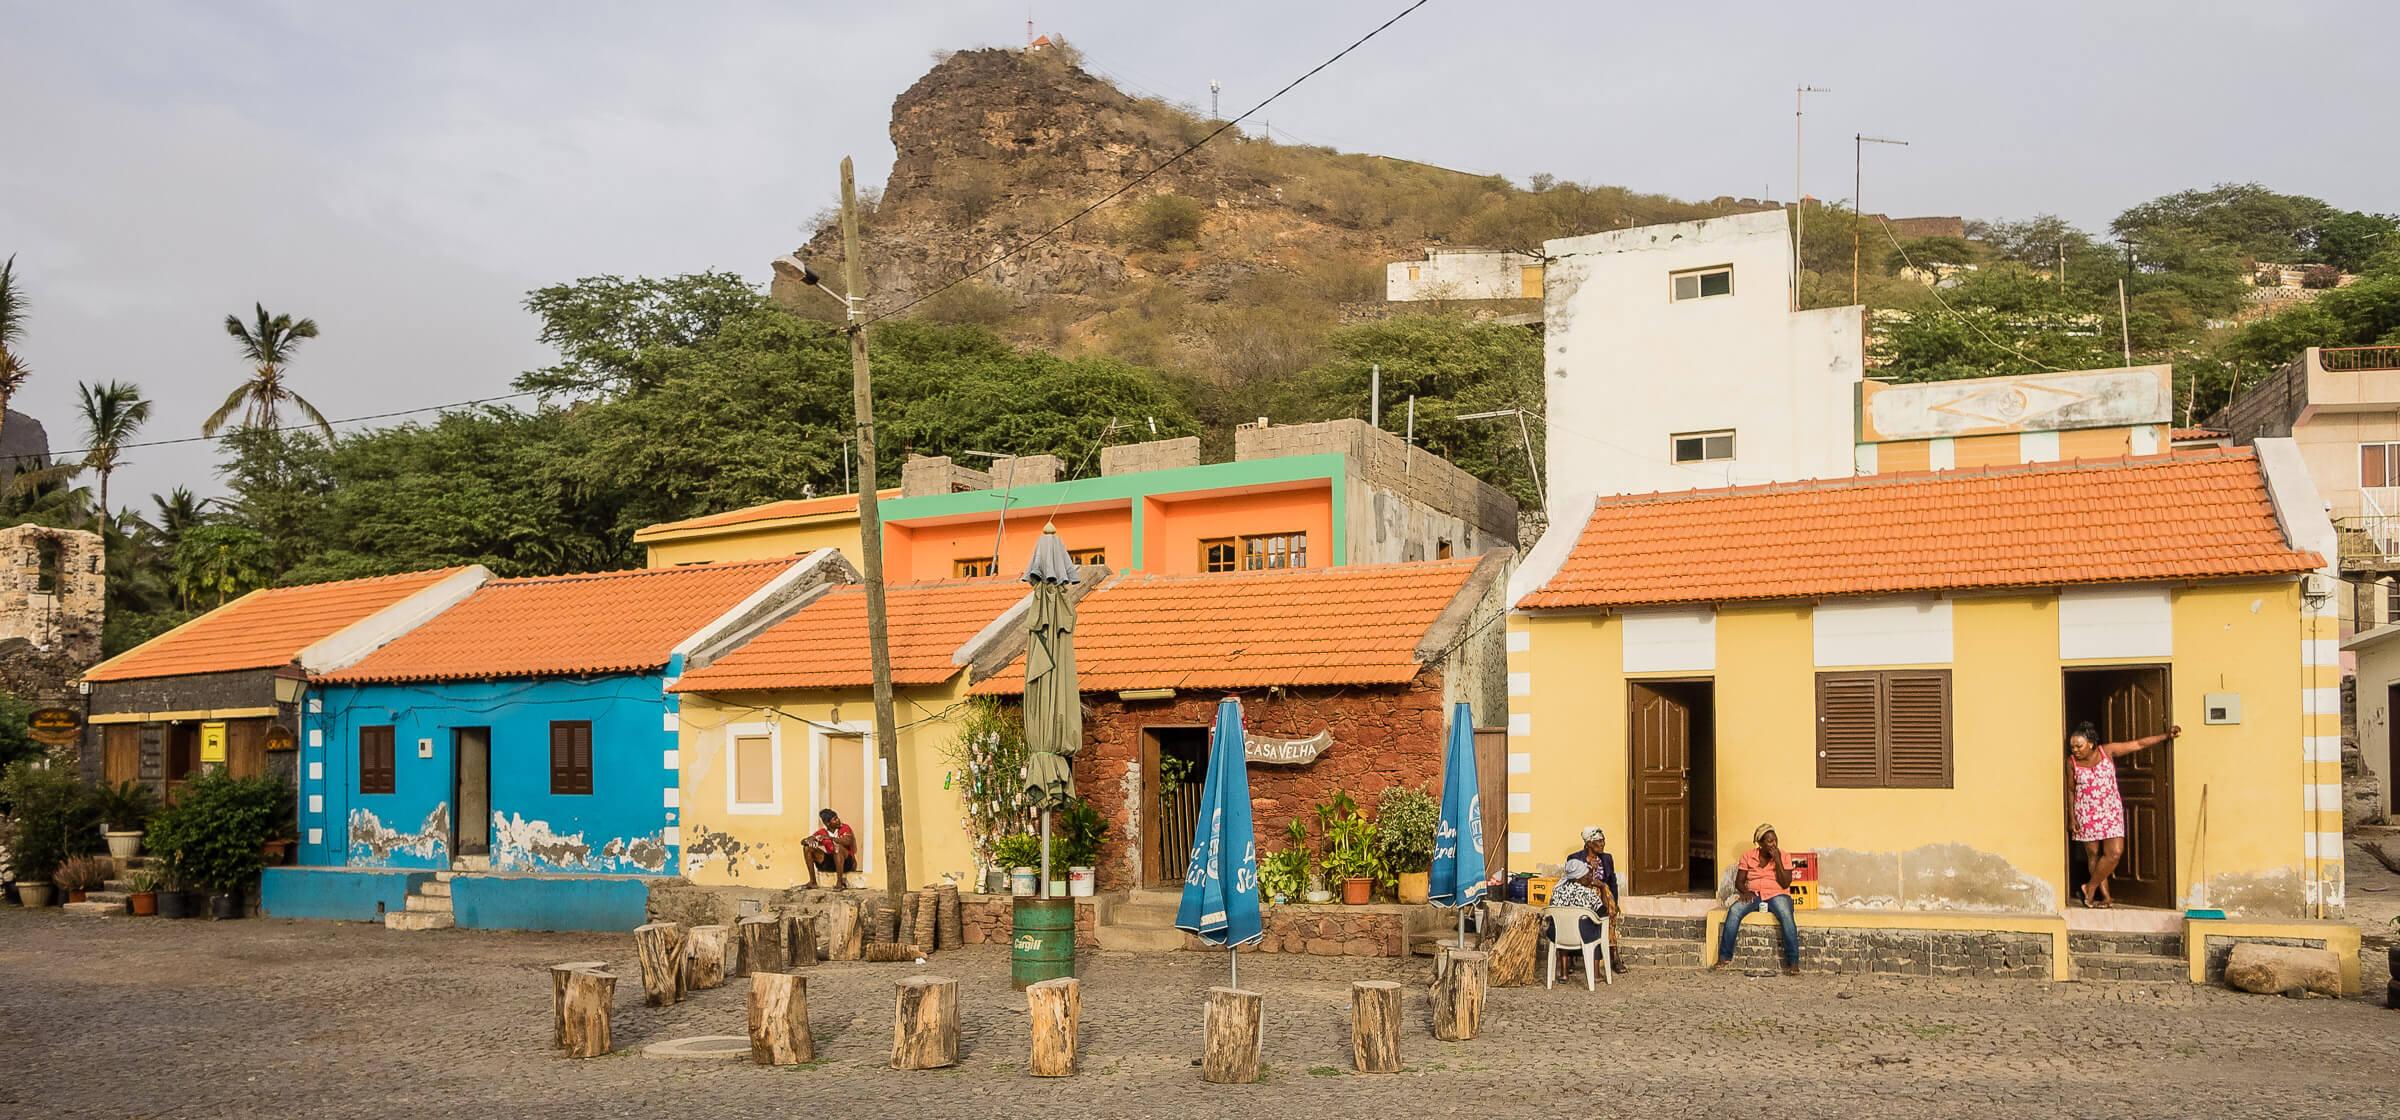 Cidade Velha, Santiago Island, Cape Verde